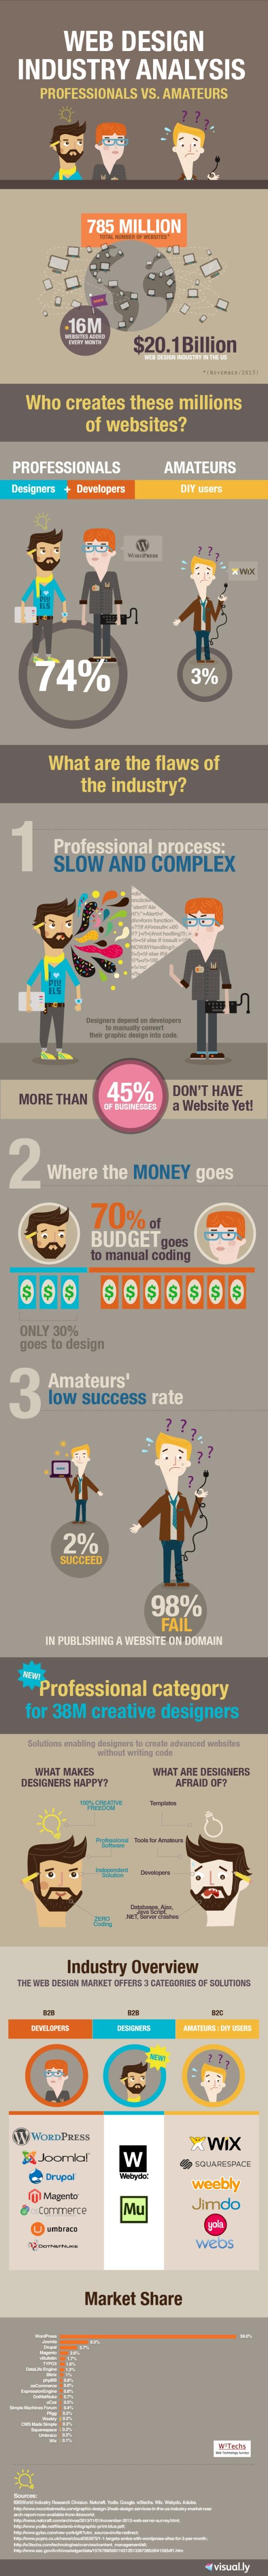 infografia_sobre_el_sector_del_diseno_web